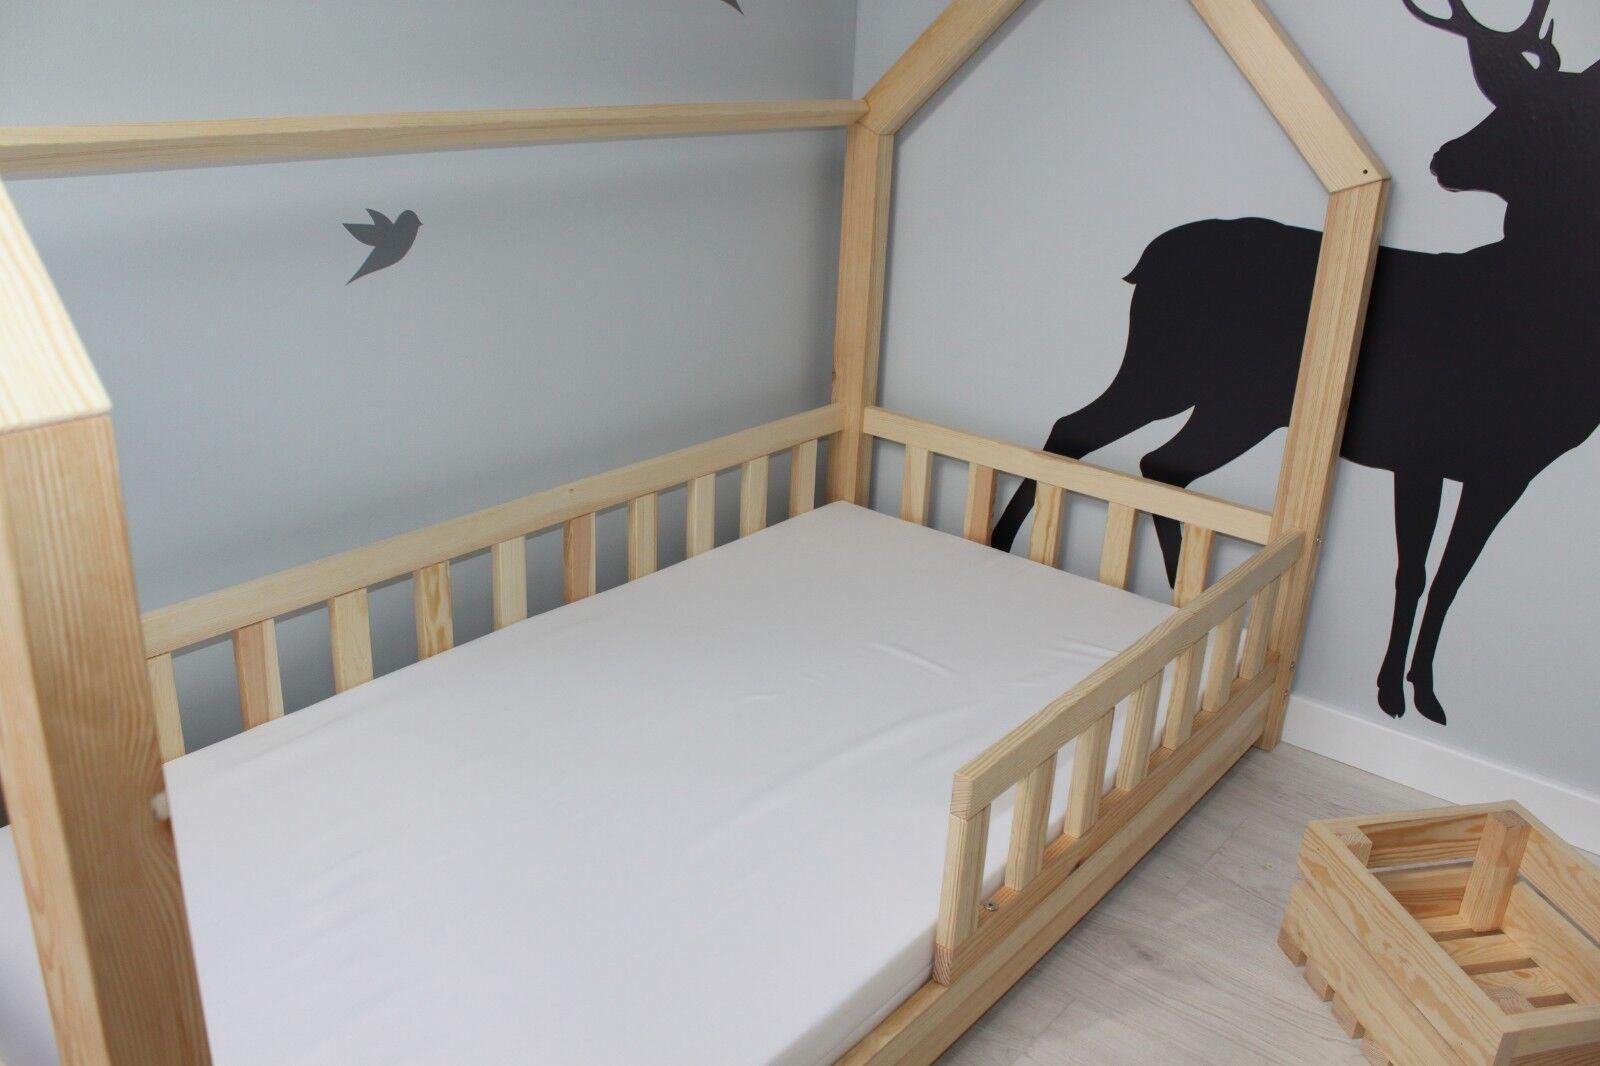 Kinderbett Kinderhaus Bett für Kinder BETT HOLZ Sicherheitsbarrieren Schublade